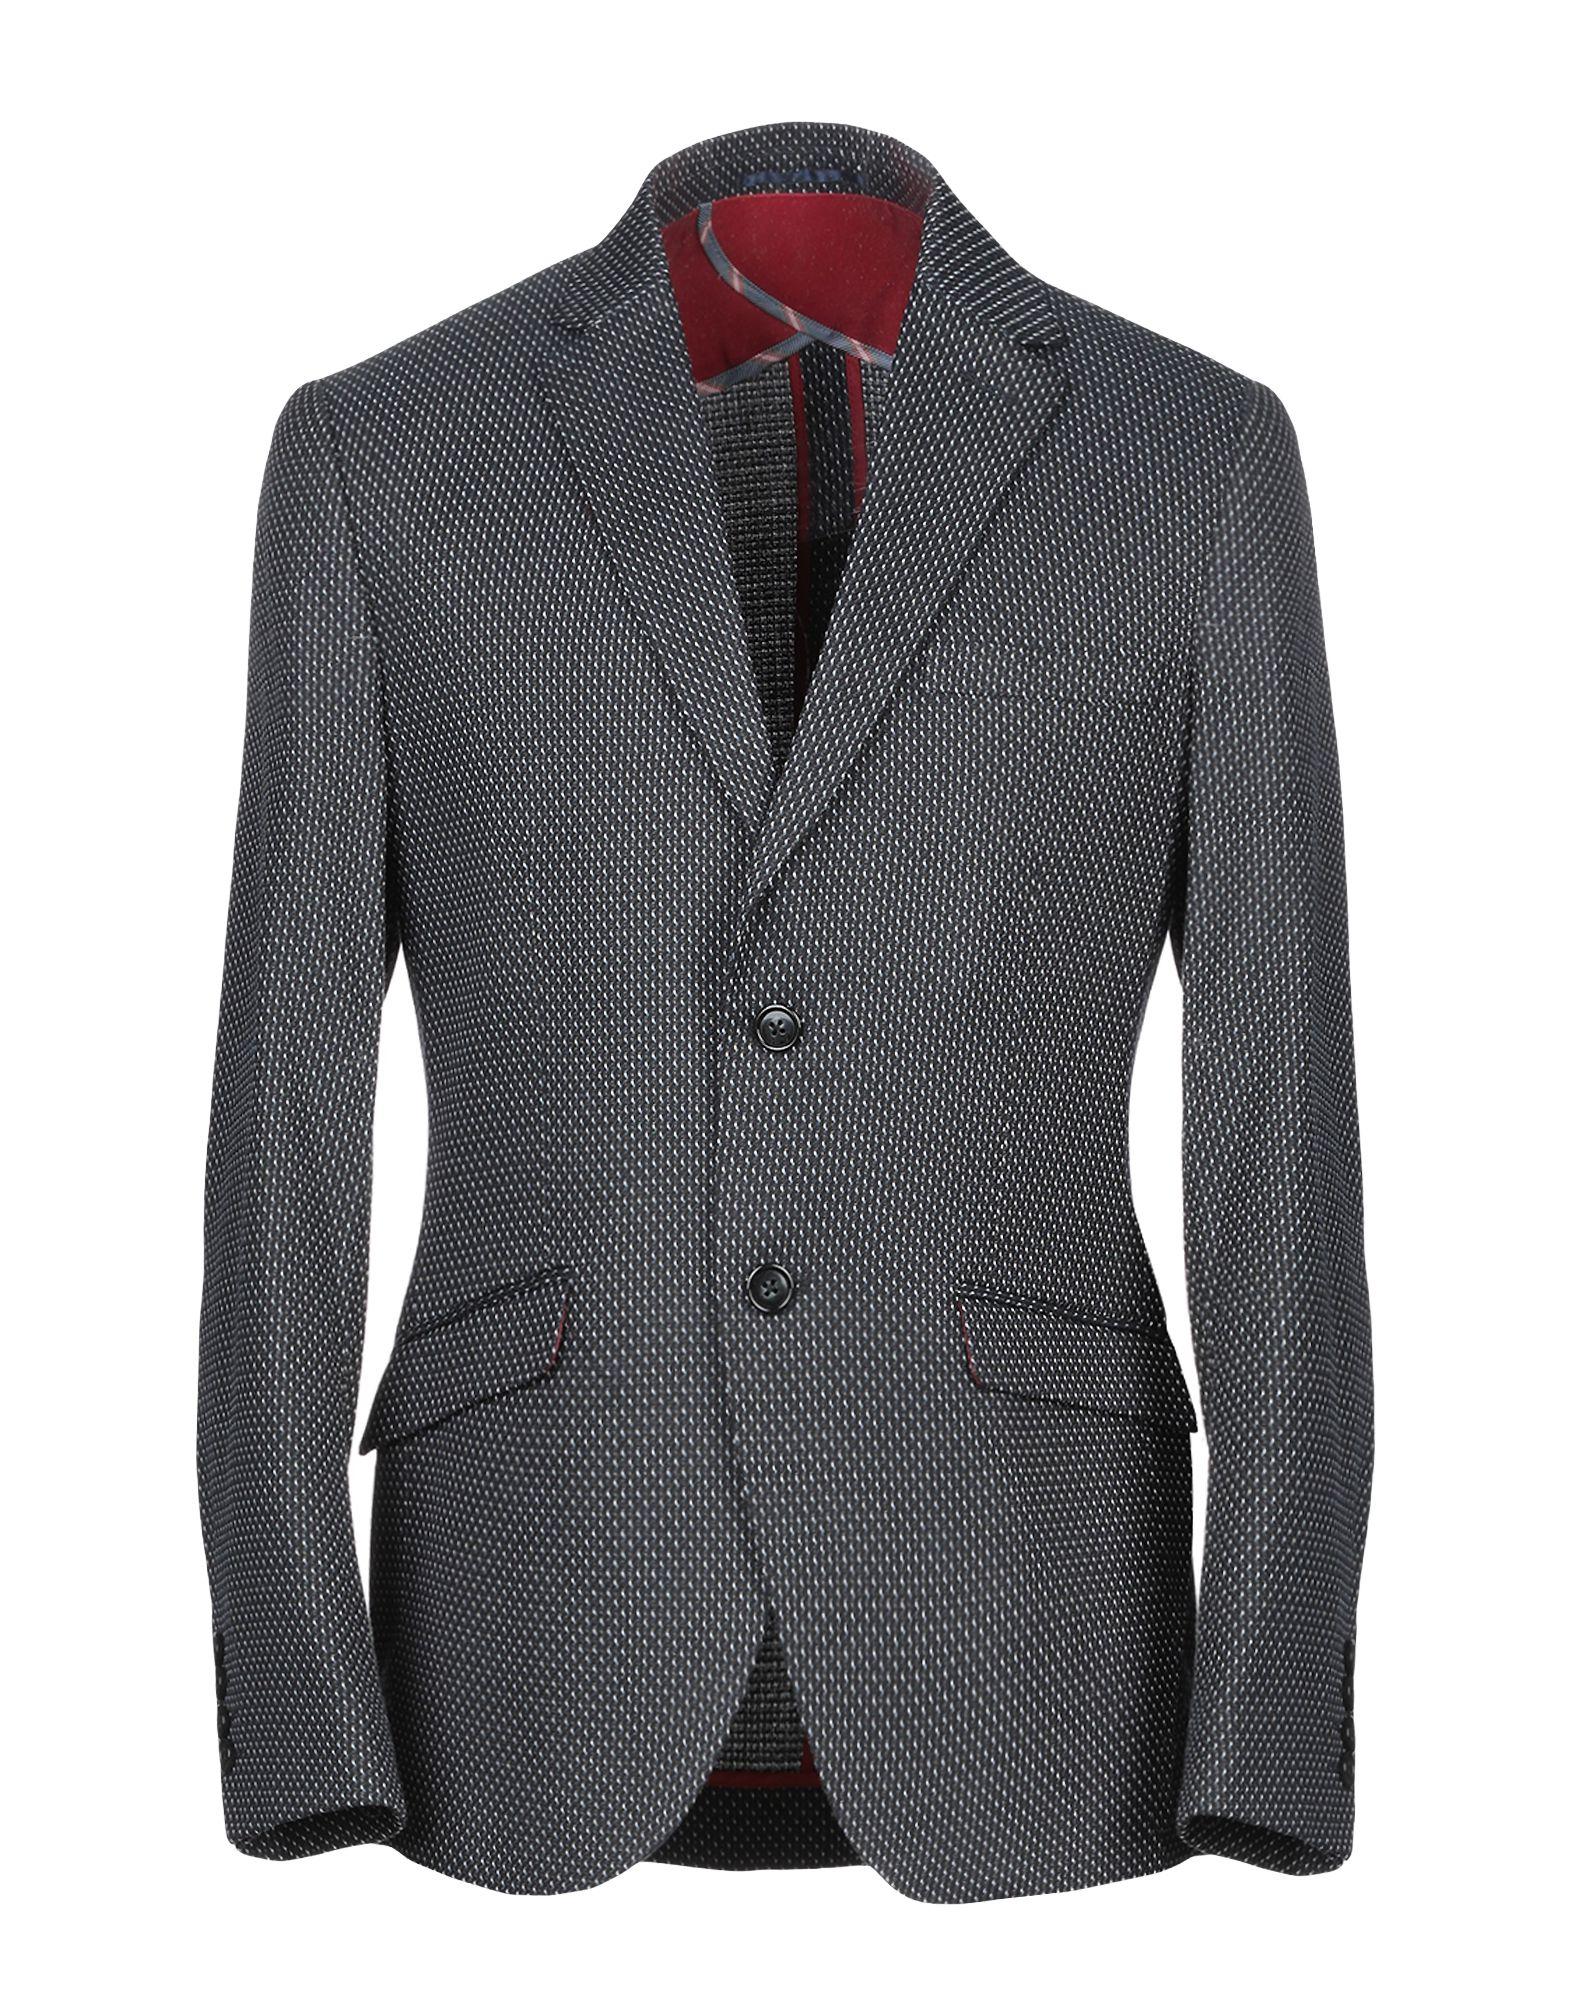 Виды пиджаков: мужских и женских, какие еще бывают пиджаки и их названия | категория статей про пиджак